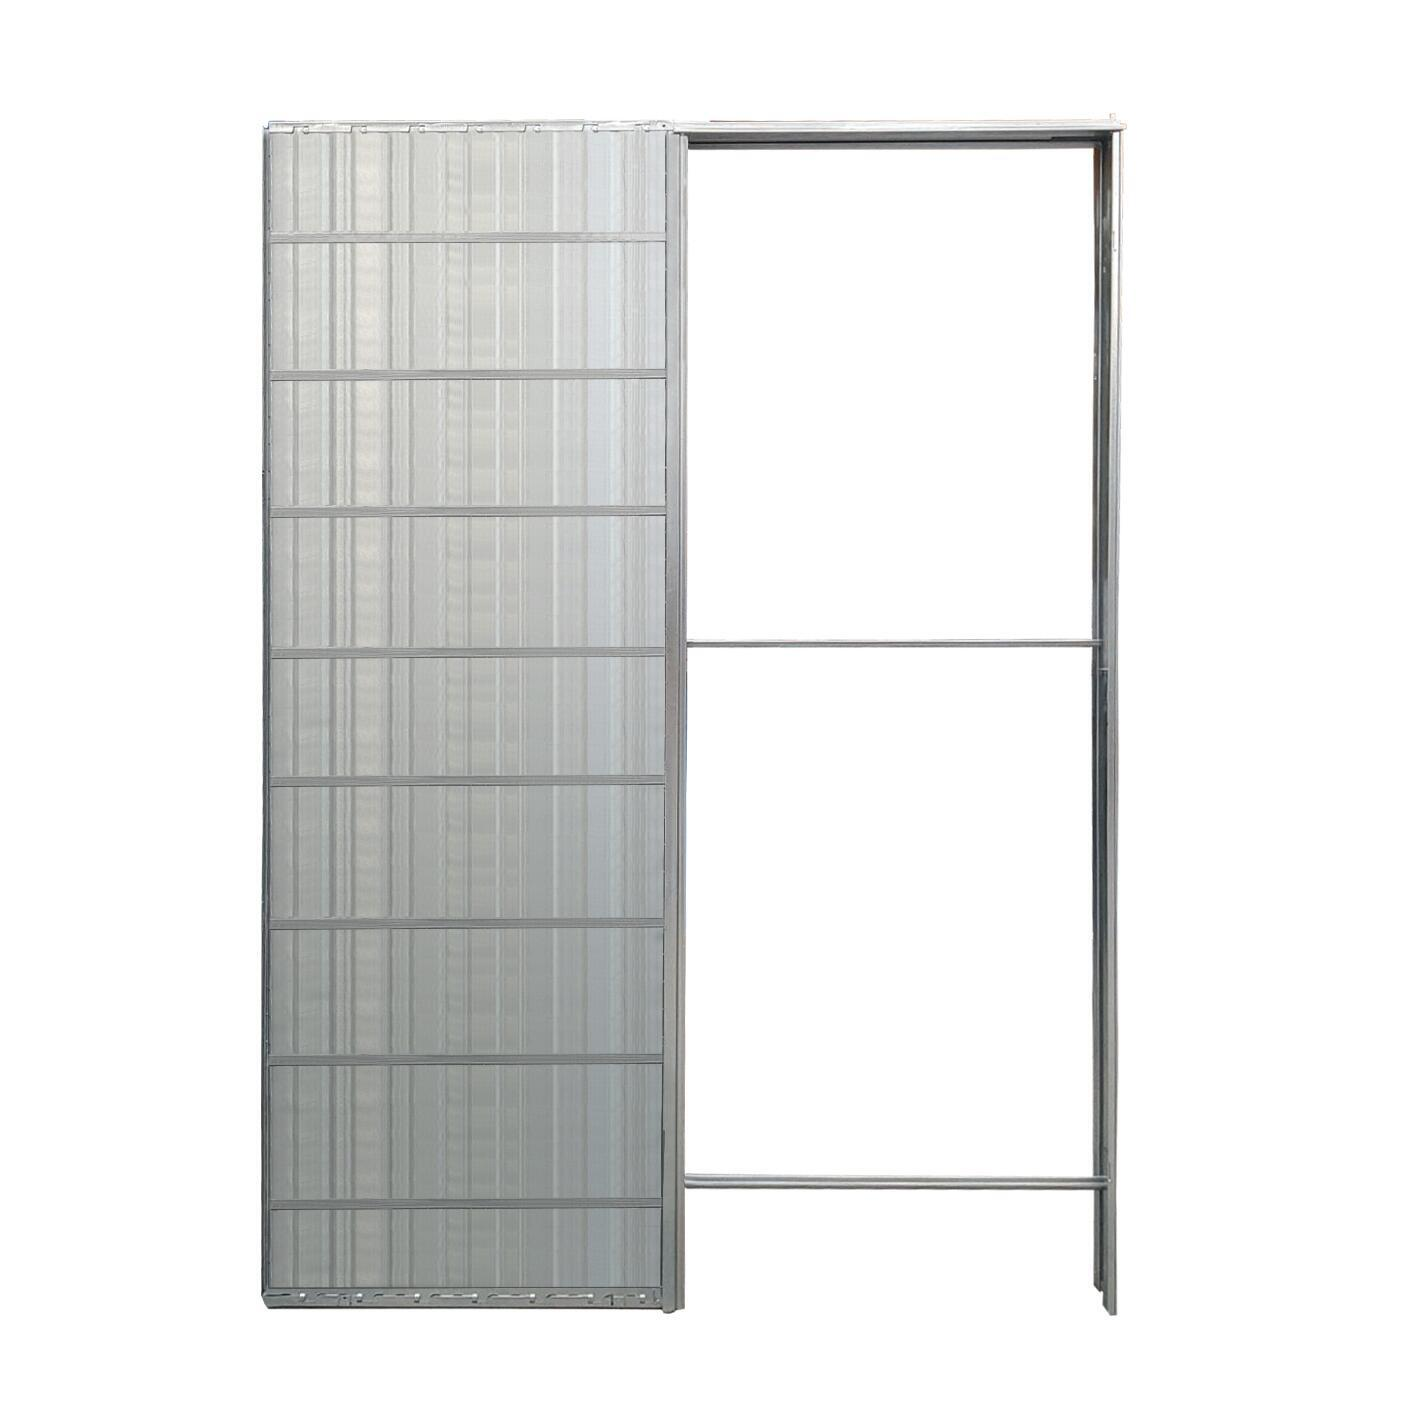 Controtelaio porta scorrevole per cartongesso L 60 x H 210 cm